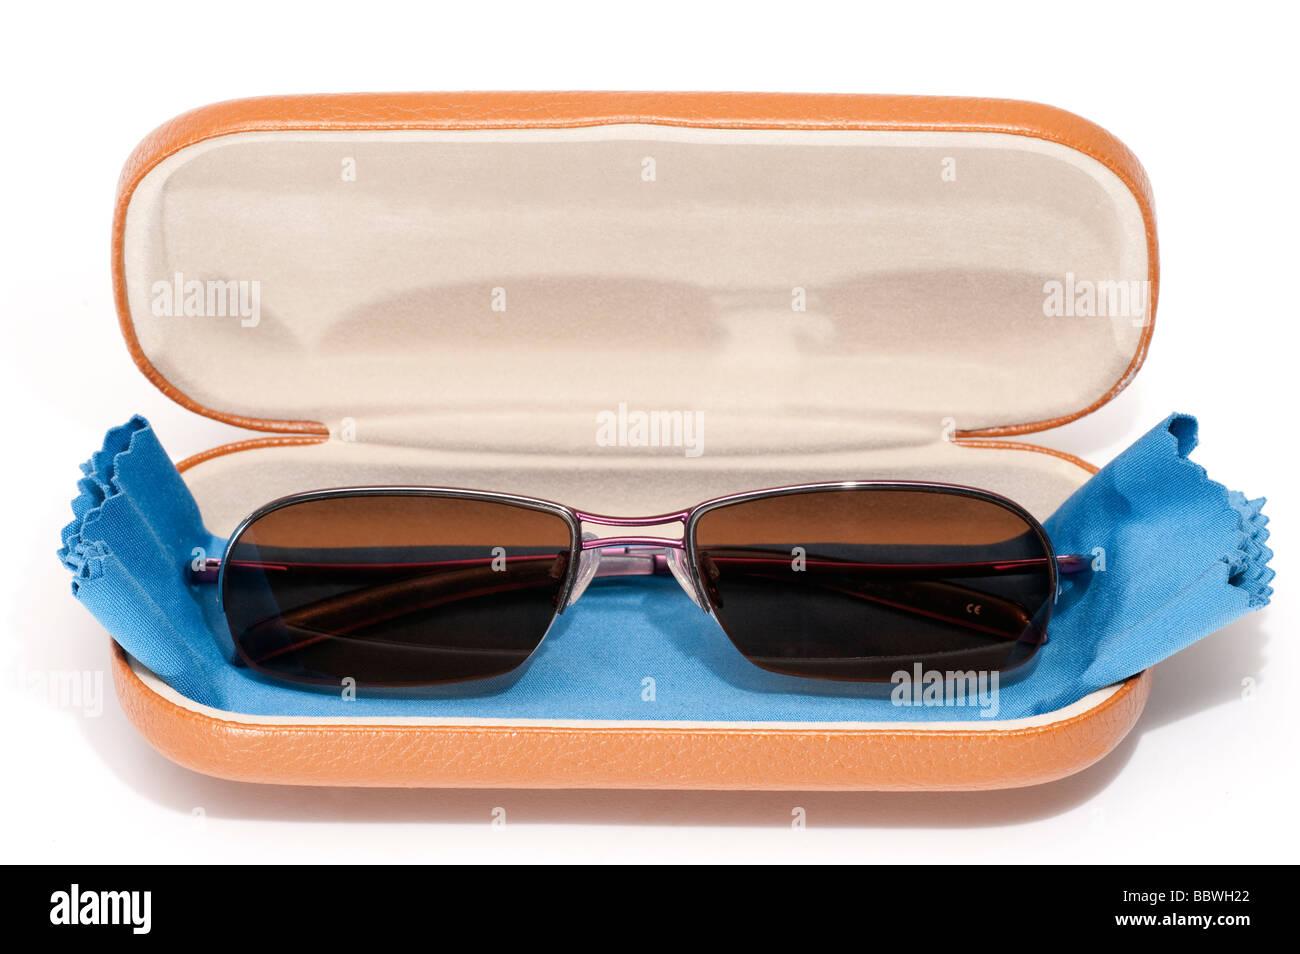 Paire de lunettes de prescription polaroid mans et spectacle bleu chiffon microfibre nettoyant dans un boîtier Photo Stock